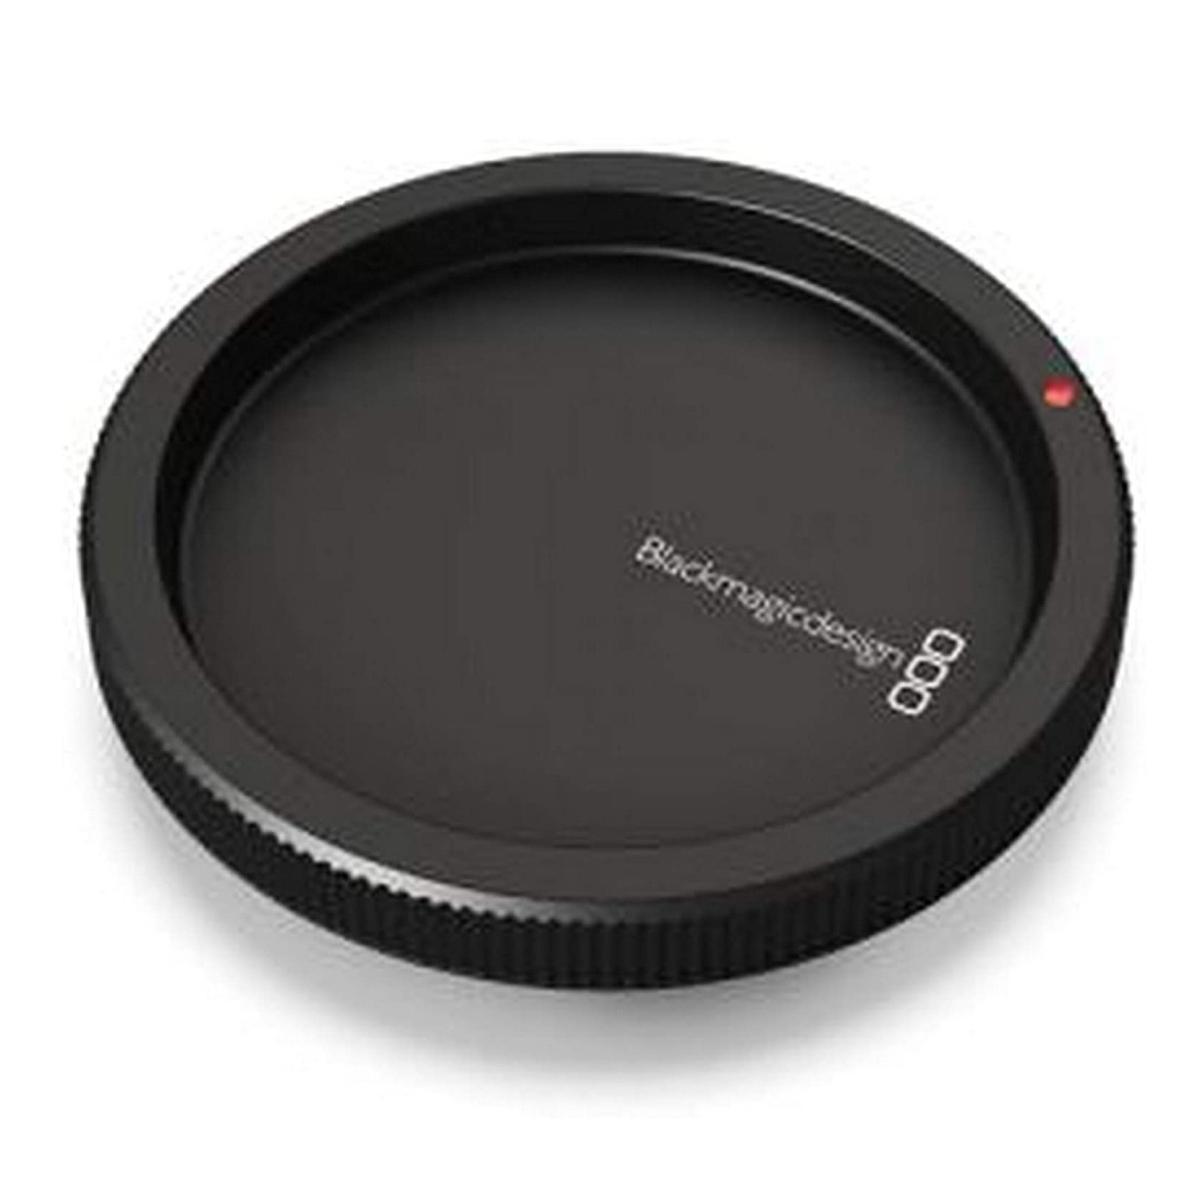 Blackmagic Camera - Lens Cap EF